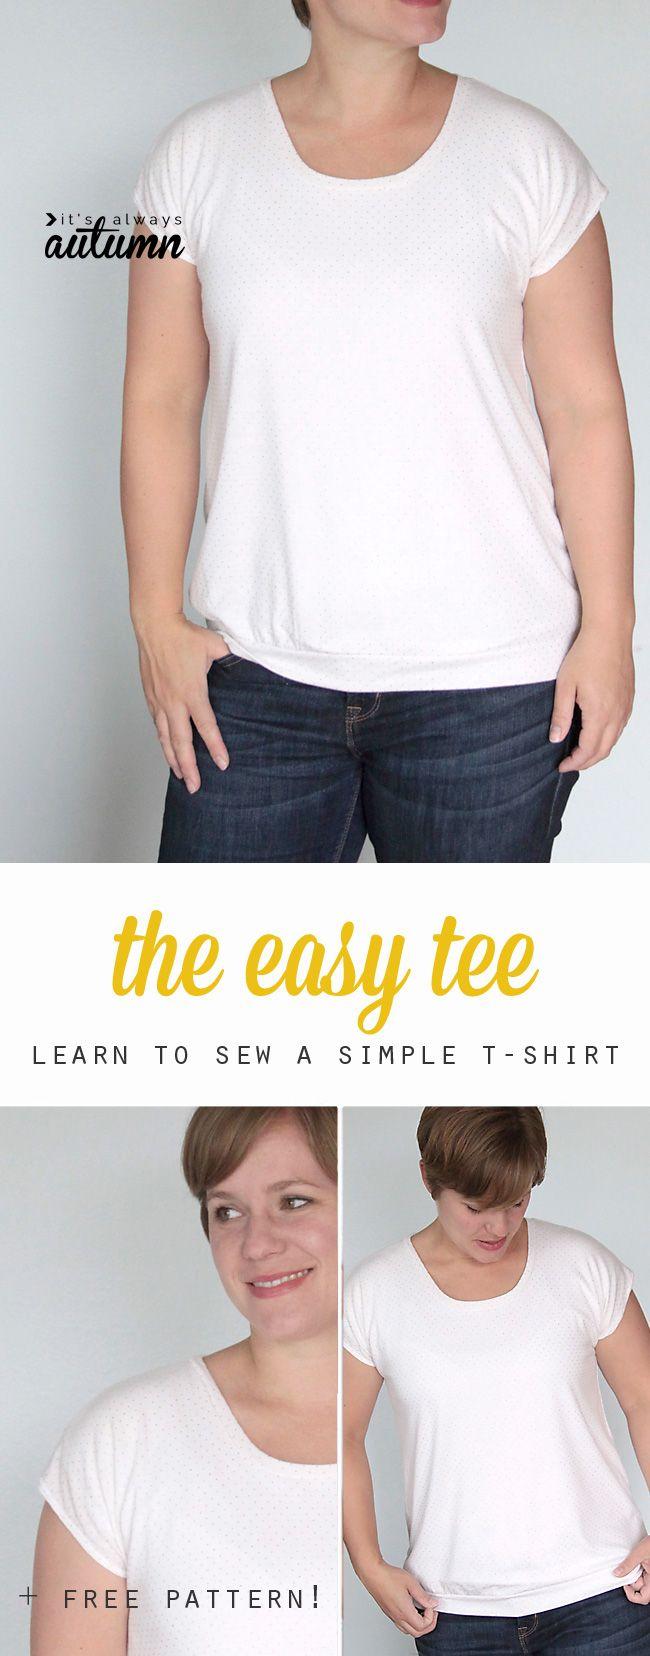 Patron gratuit t-shirt femme et pas à pas | Free pattern Easy tee and tutorial - It'a always autumn